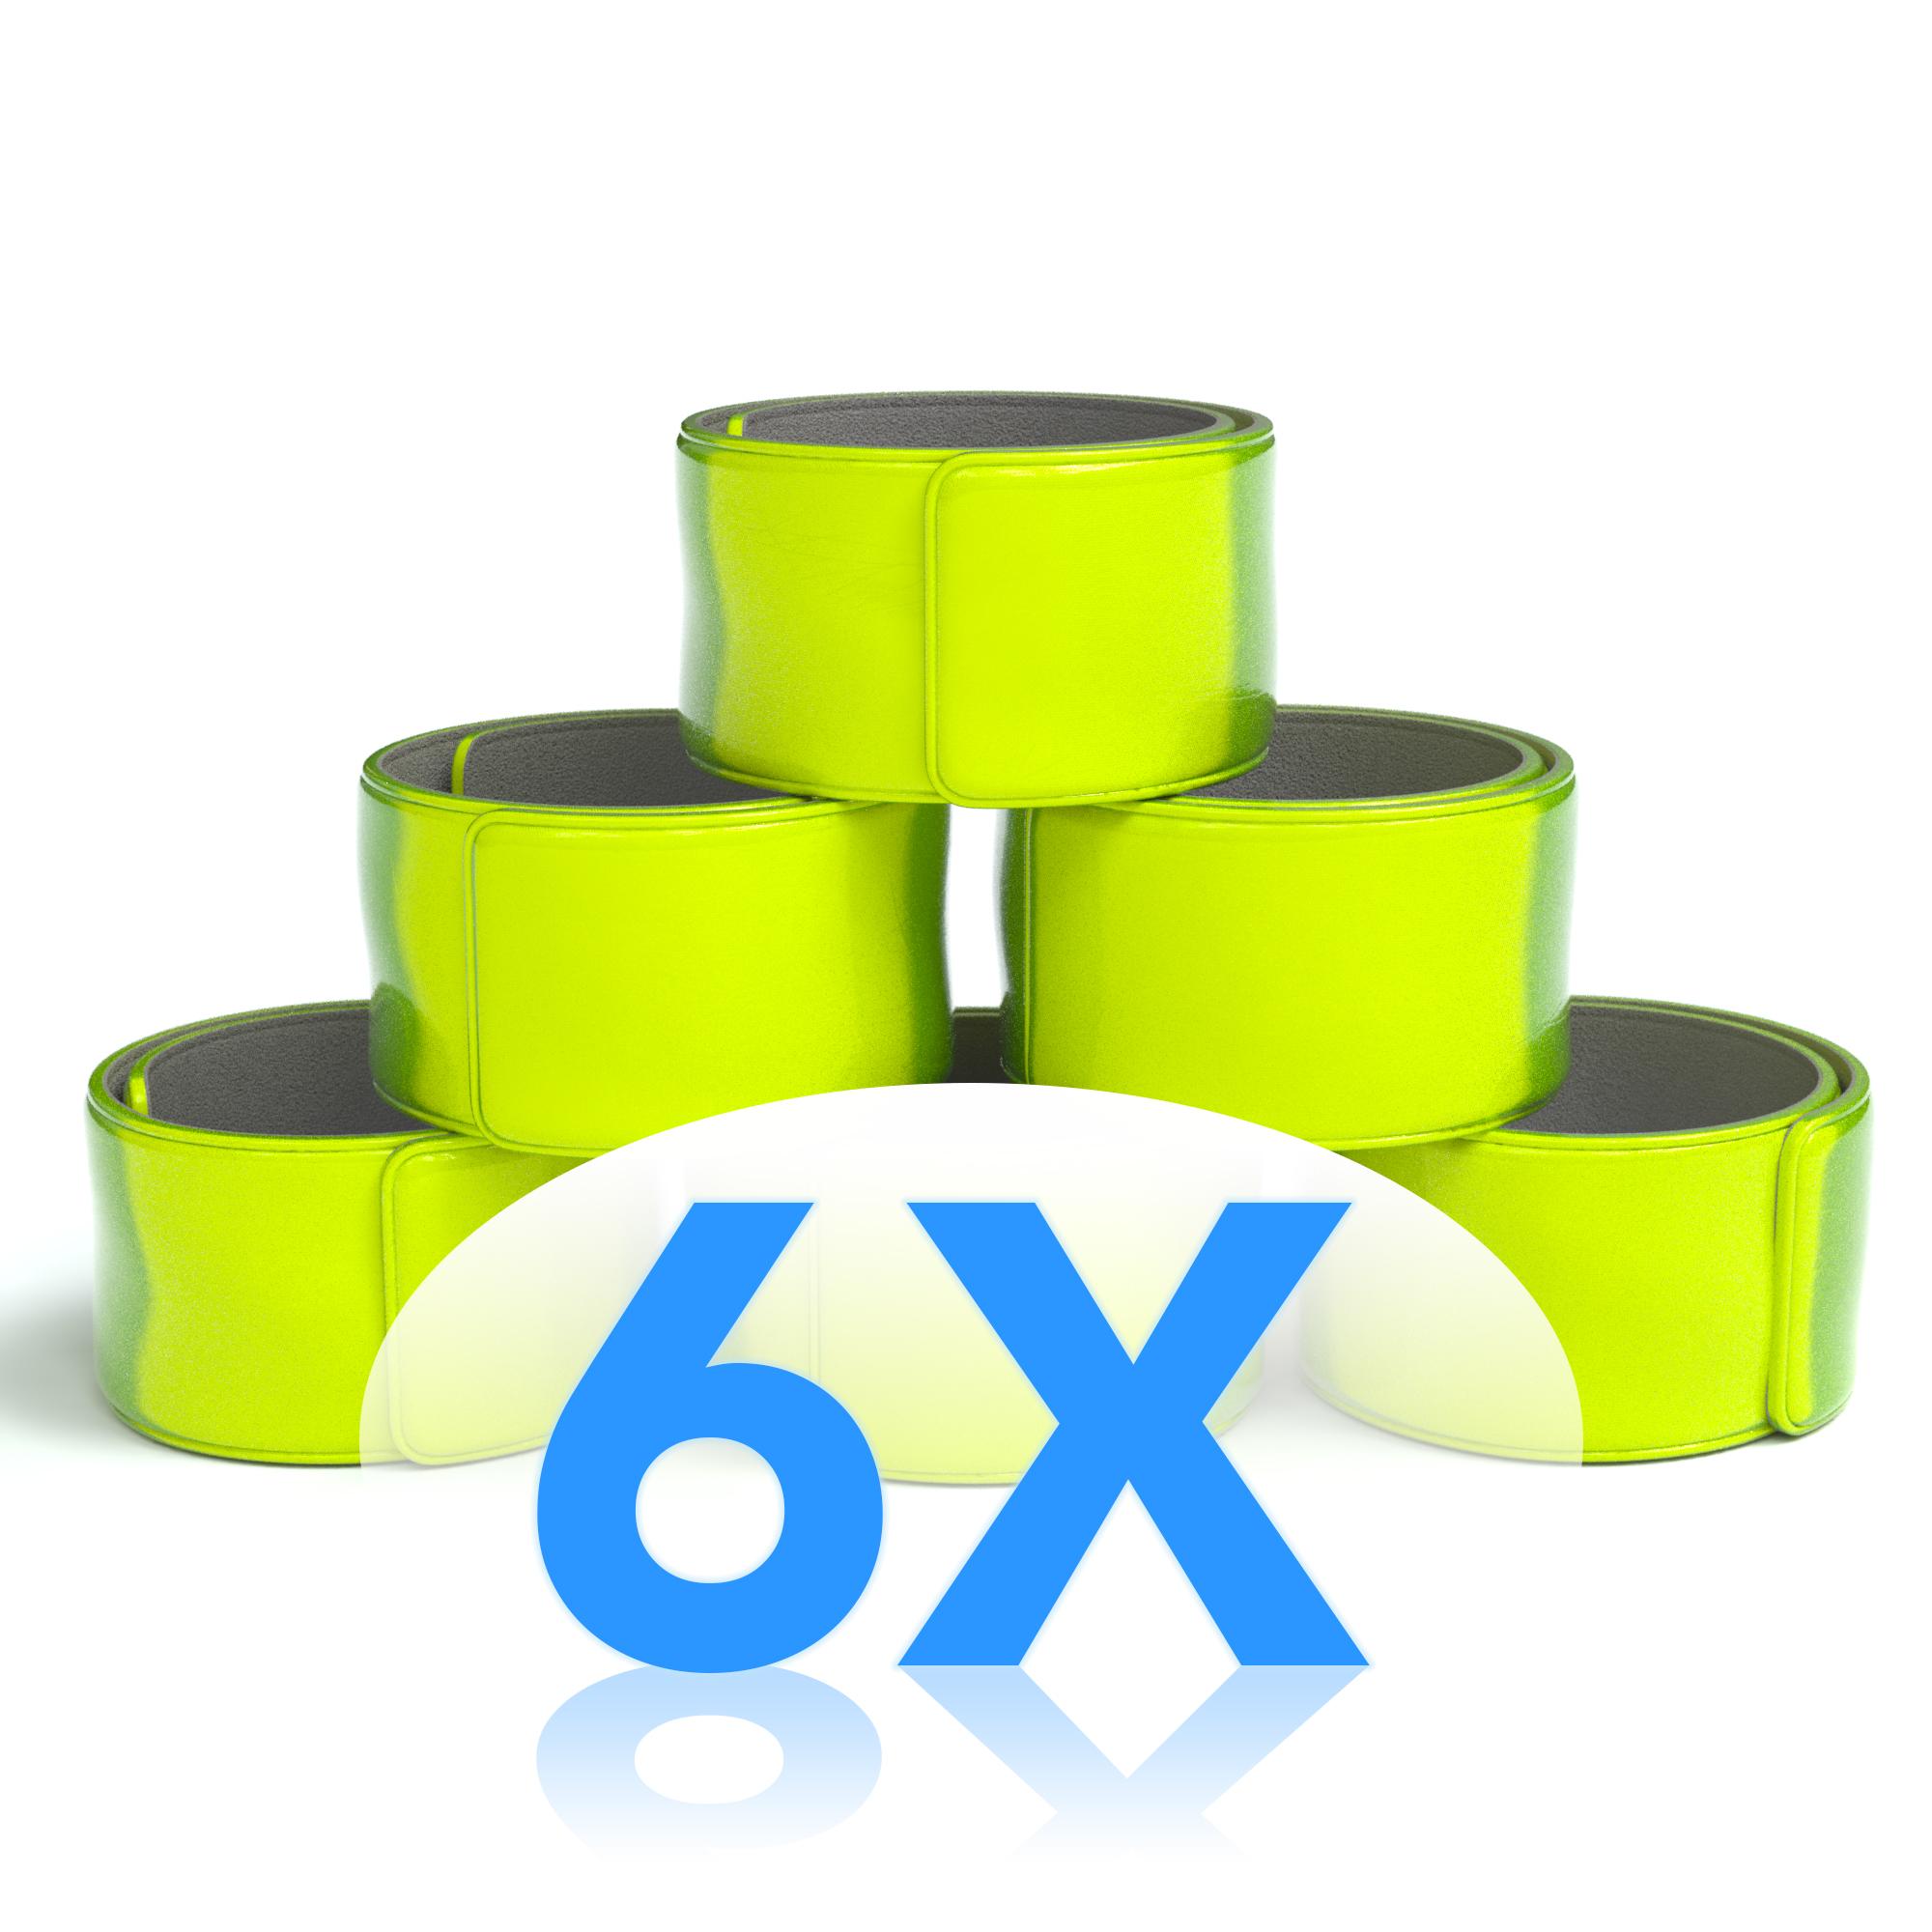 6x reflektorband schnapparmband leuchtarmband sicherheitsband arm bein neon gelb ebay. Black Bedroom Furniture Sets. Home Design Ideas